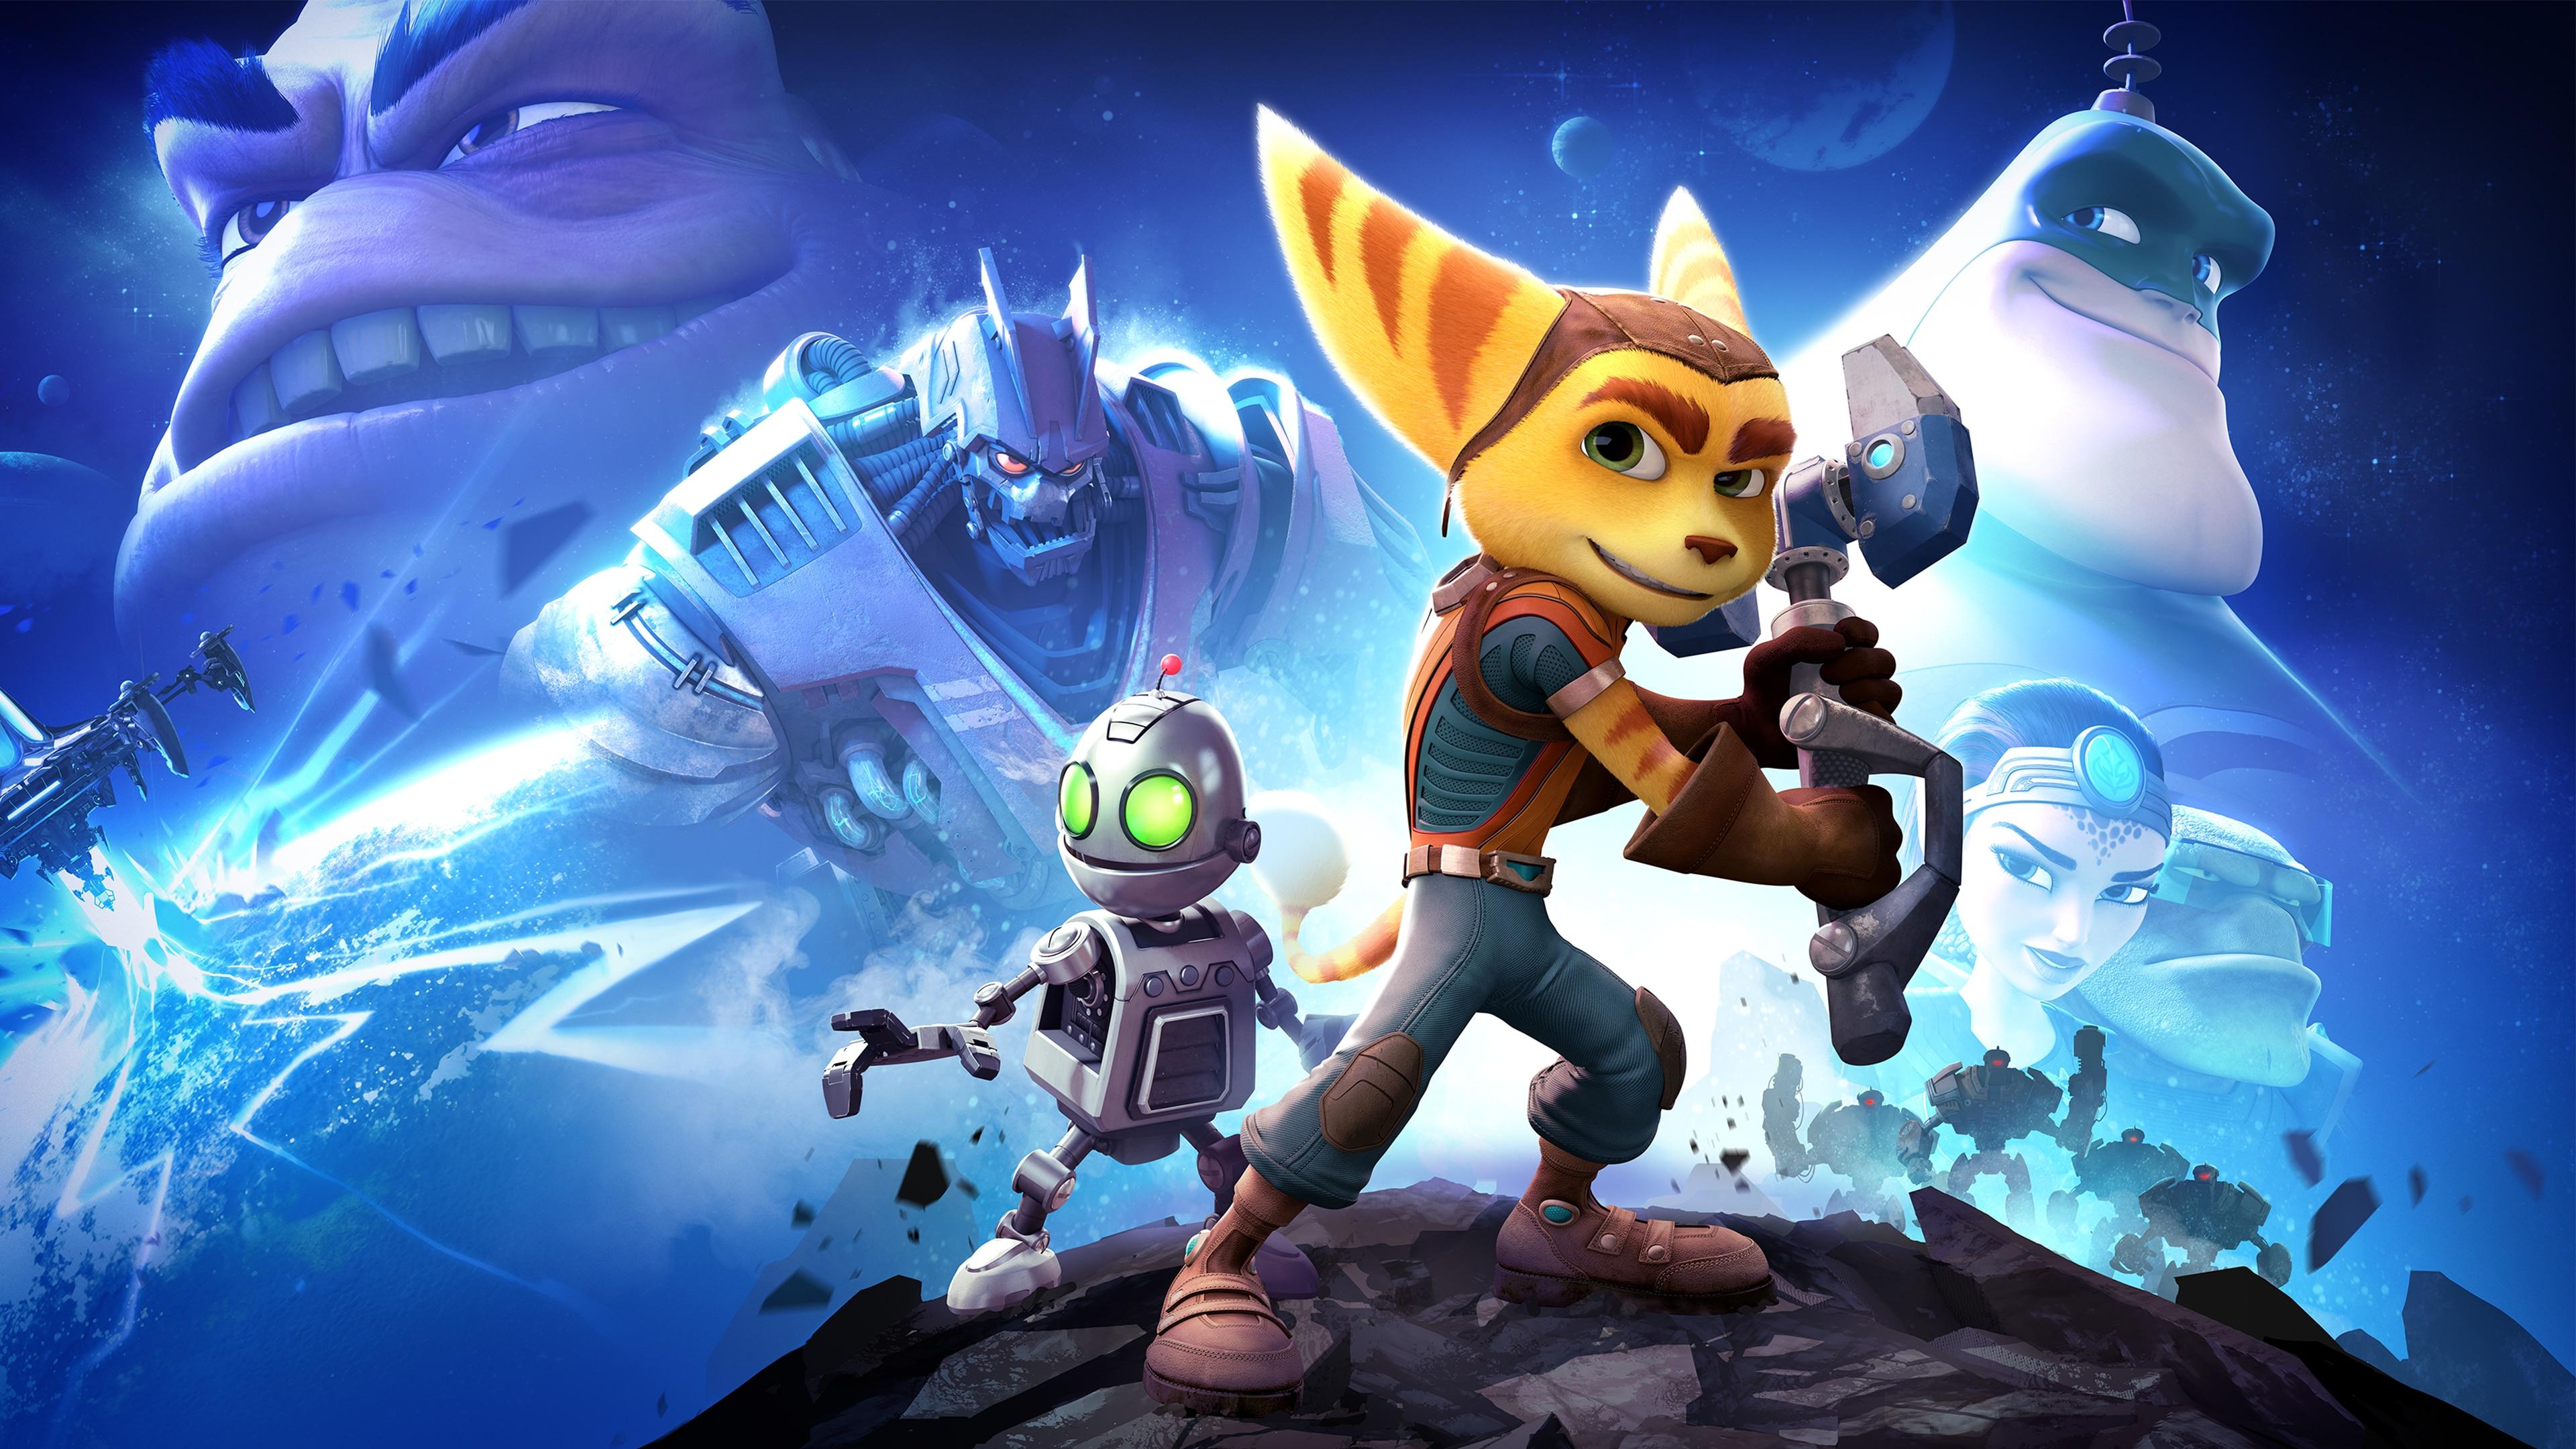 Ratchet & Clank para PS4 con PlayAtHome (1 de marzo)